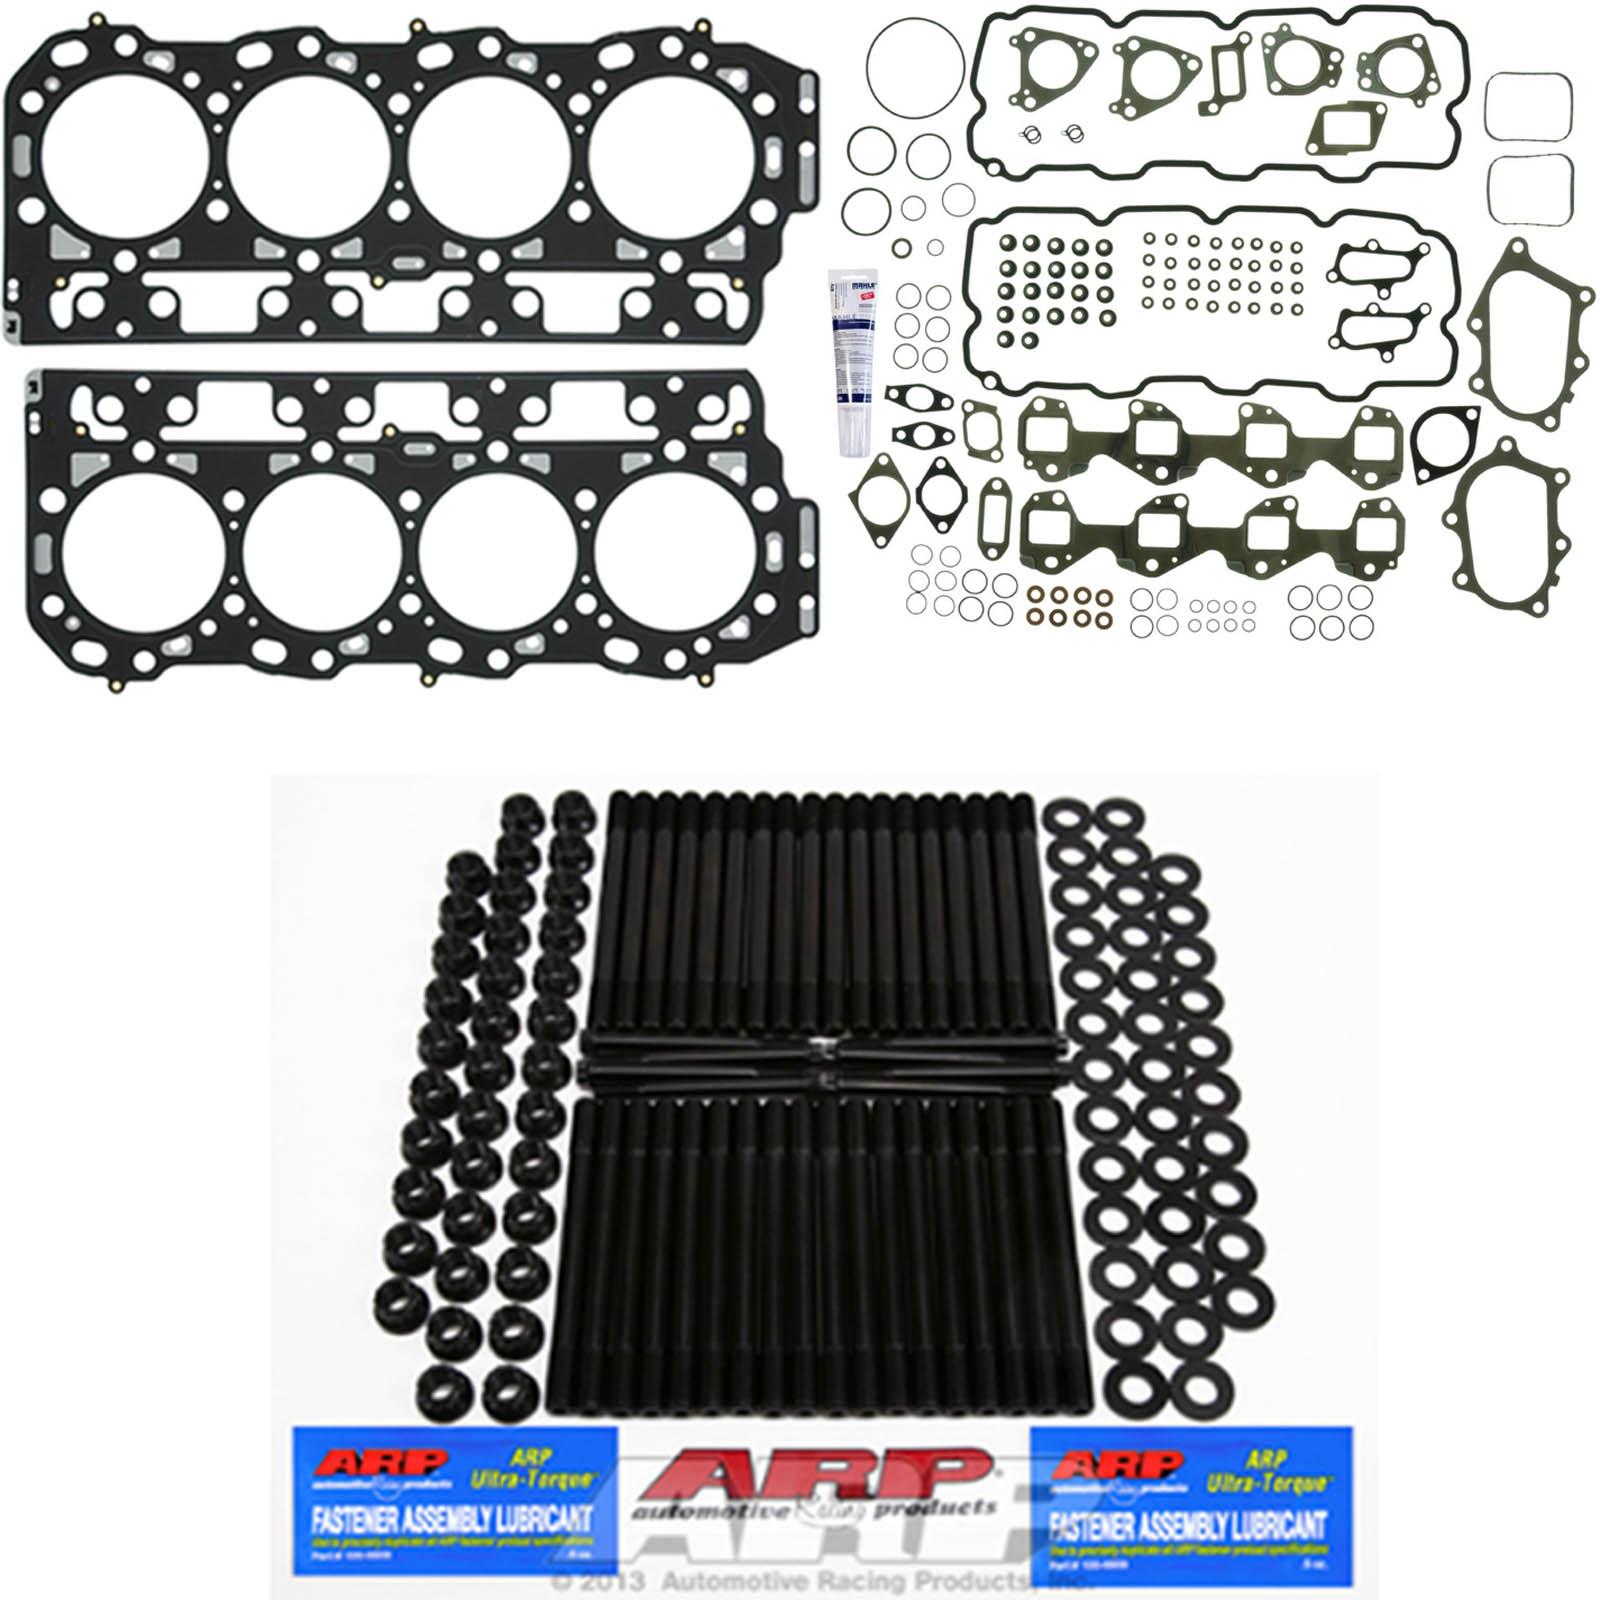 ARP Head Stud Kit w/Mahle Head Set & Grade 'C' Head Gaskets - DK-GMLB7-HGK12 - Mahle